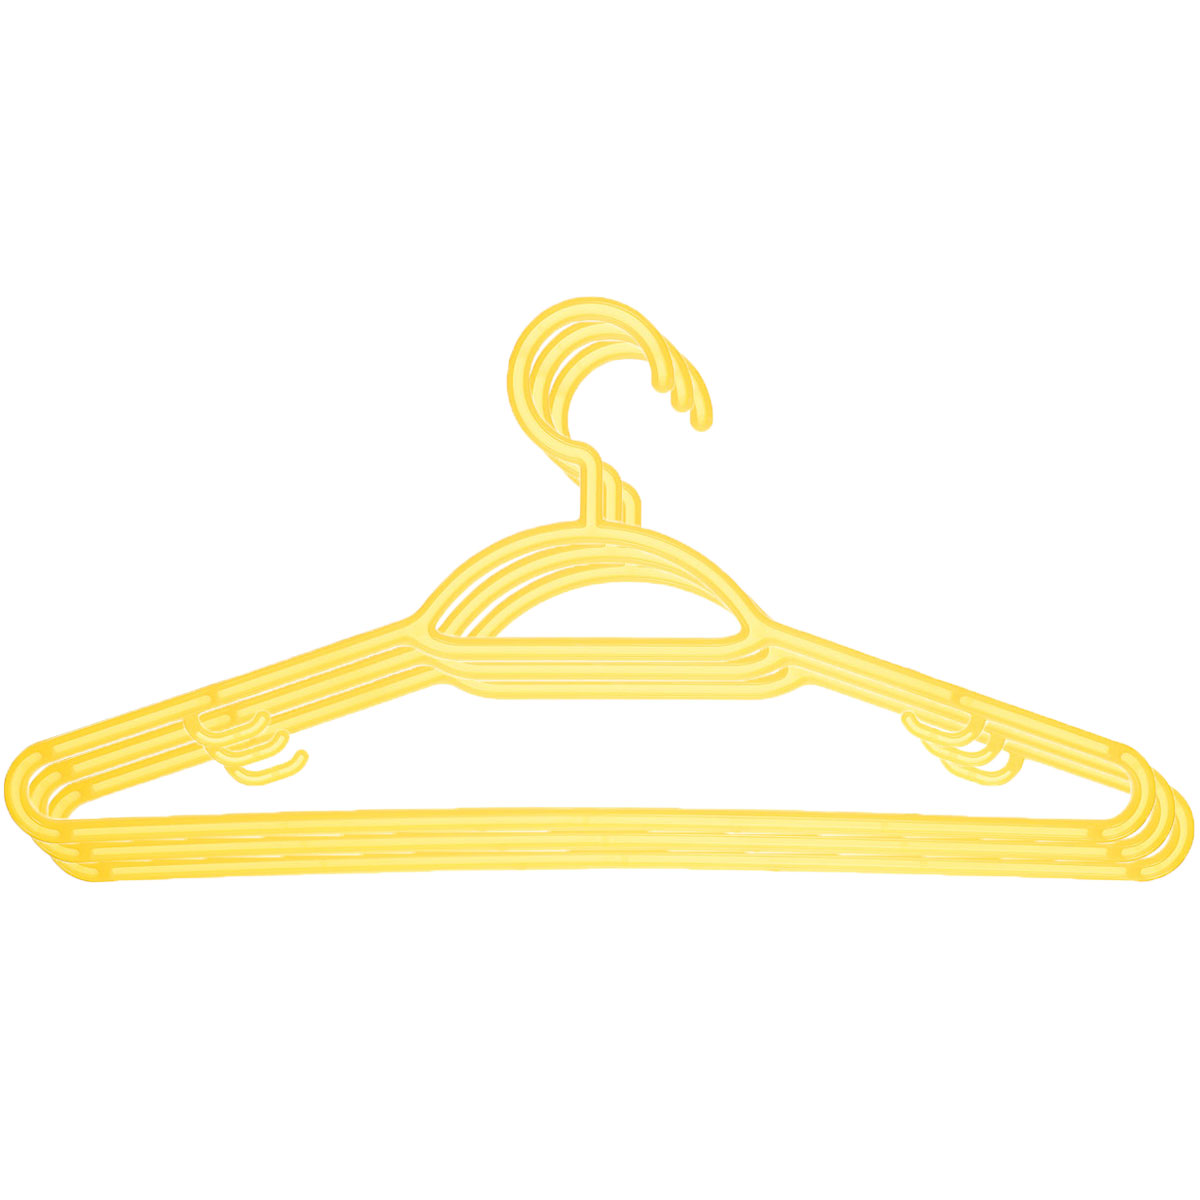 Набор вешалок Econova, с перекладиной, с крючками, цвет: желтый, размер 48, 3 шт. С12356С12356_желтыйНабор Econova, выполненный из прочного пластика, состоит из 3 вешалок.Каждое изделие оснащено перекладиной и боковыми крючками. Вешалка - это незаменимая вещь для того, чтобы ваша одежда всегда оставалась в хорошем состоянии.Комплектация: 3 шт.Размер одежды: 48.